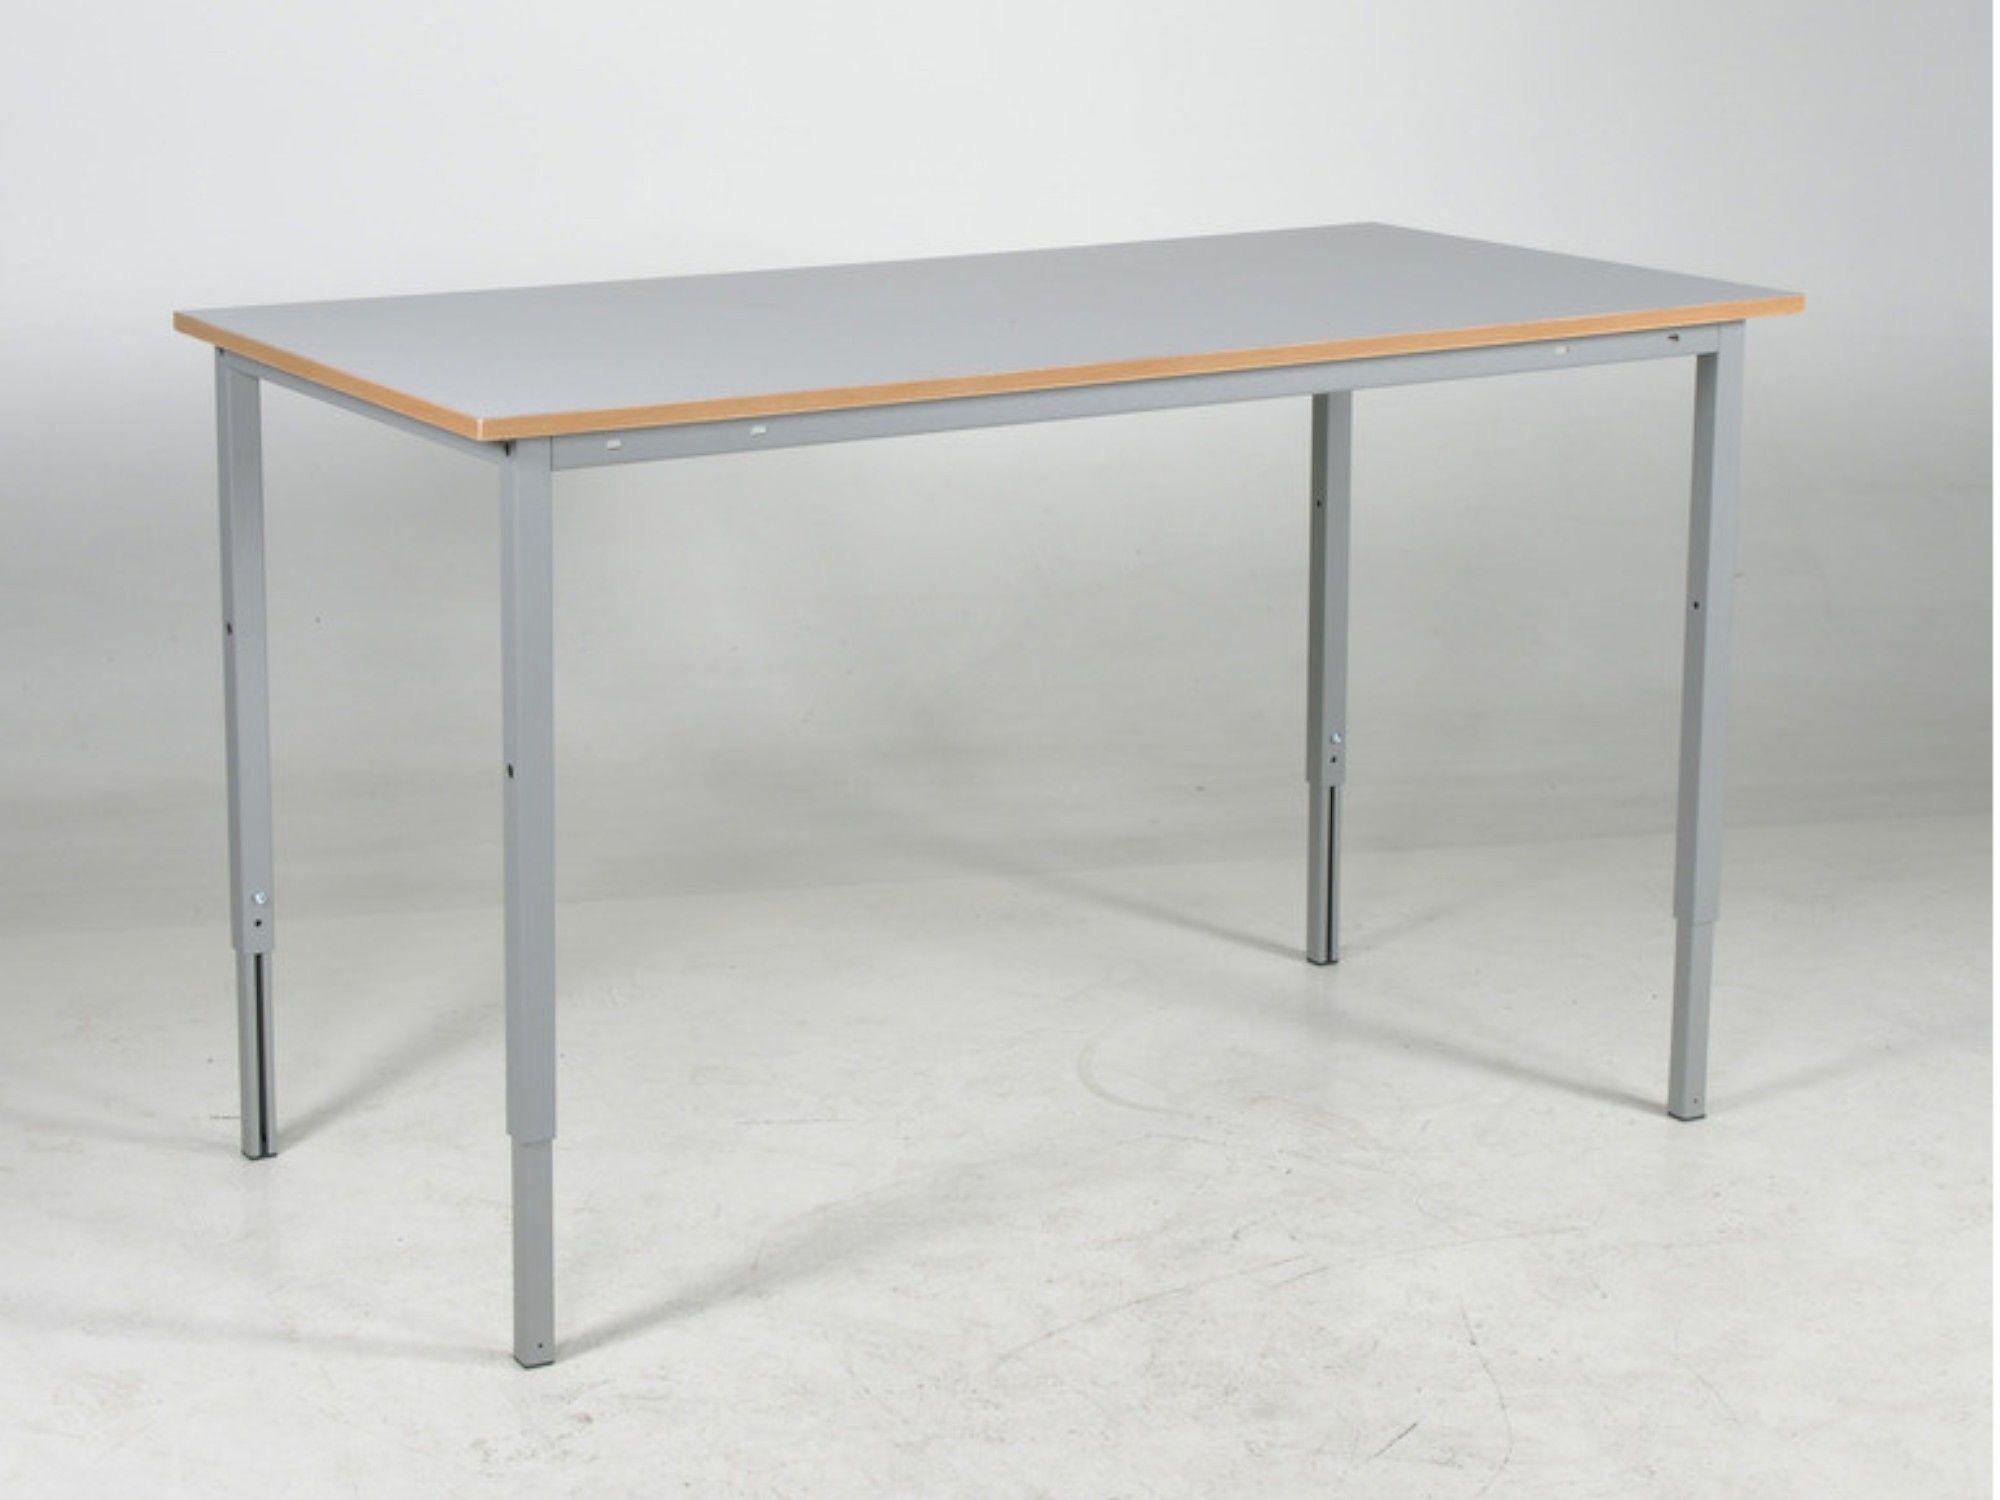 Stół warsztatowy montażowy, regulowany manualnie, blat 200mm, 150 kg